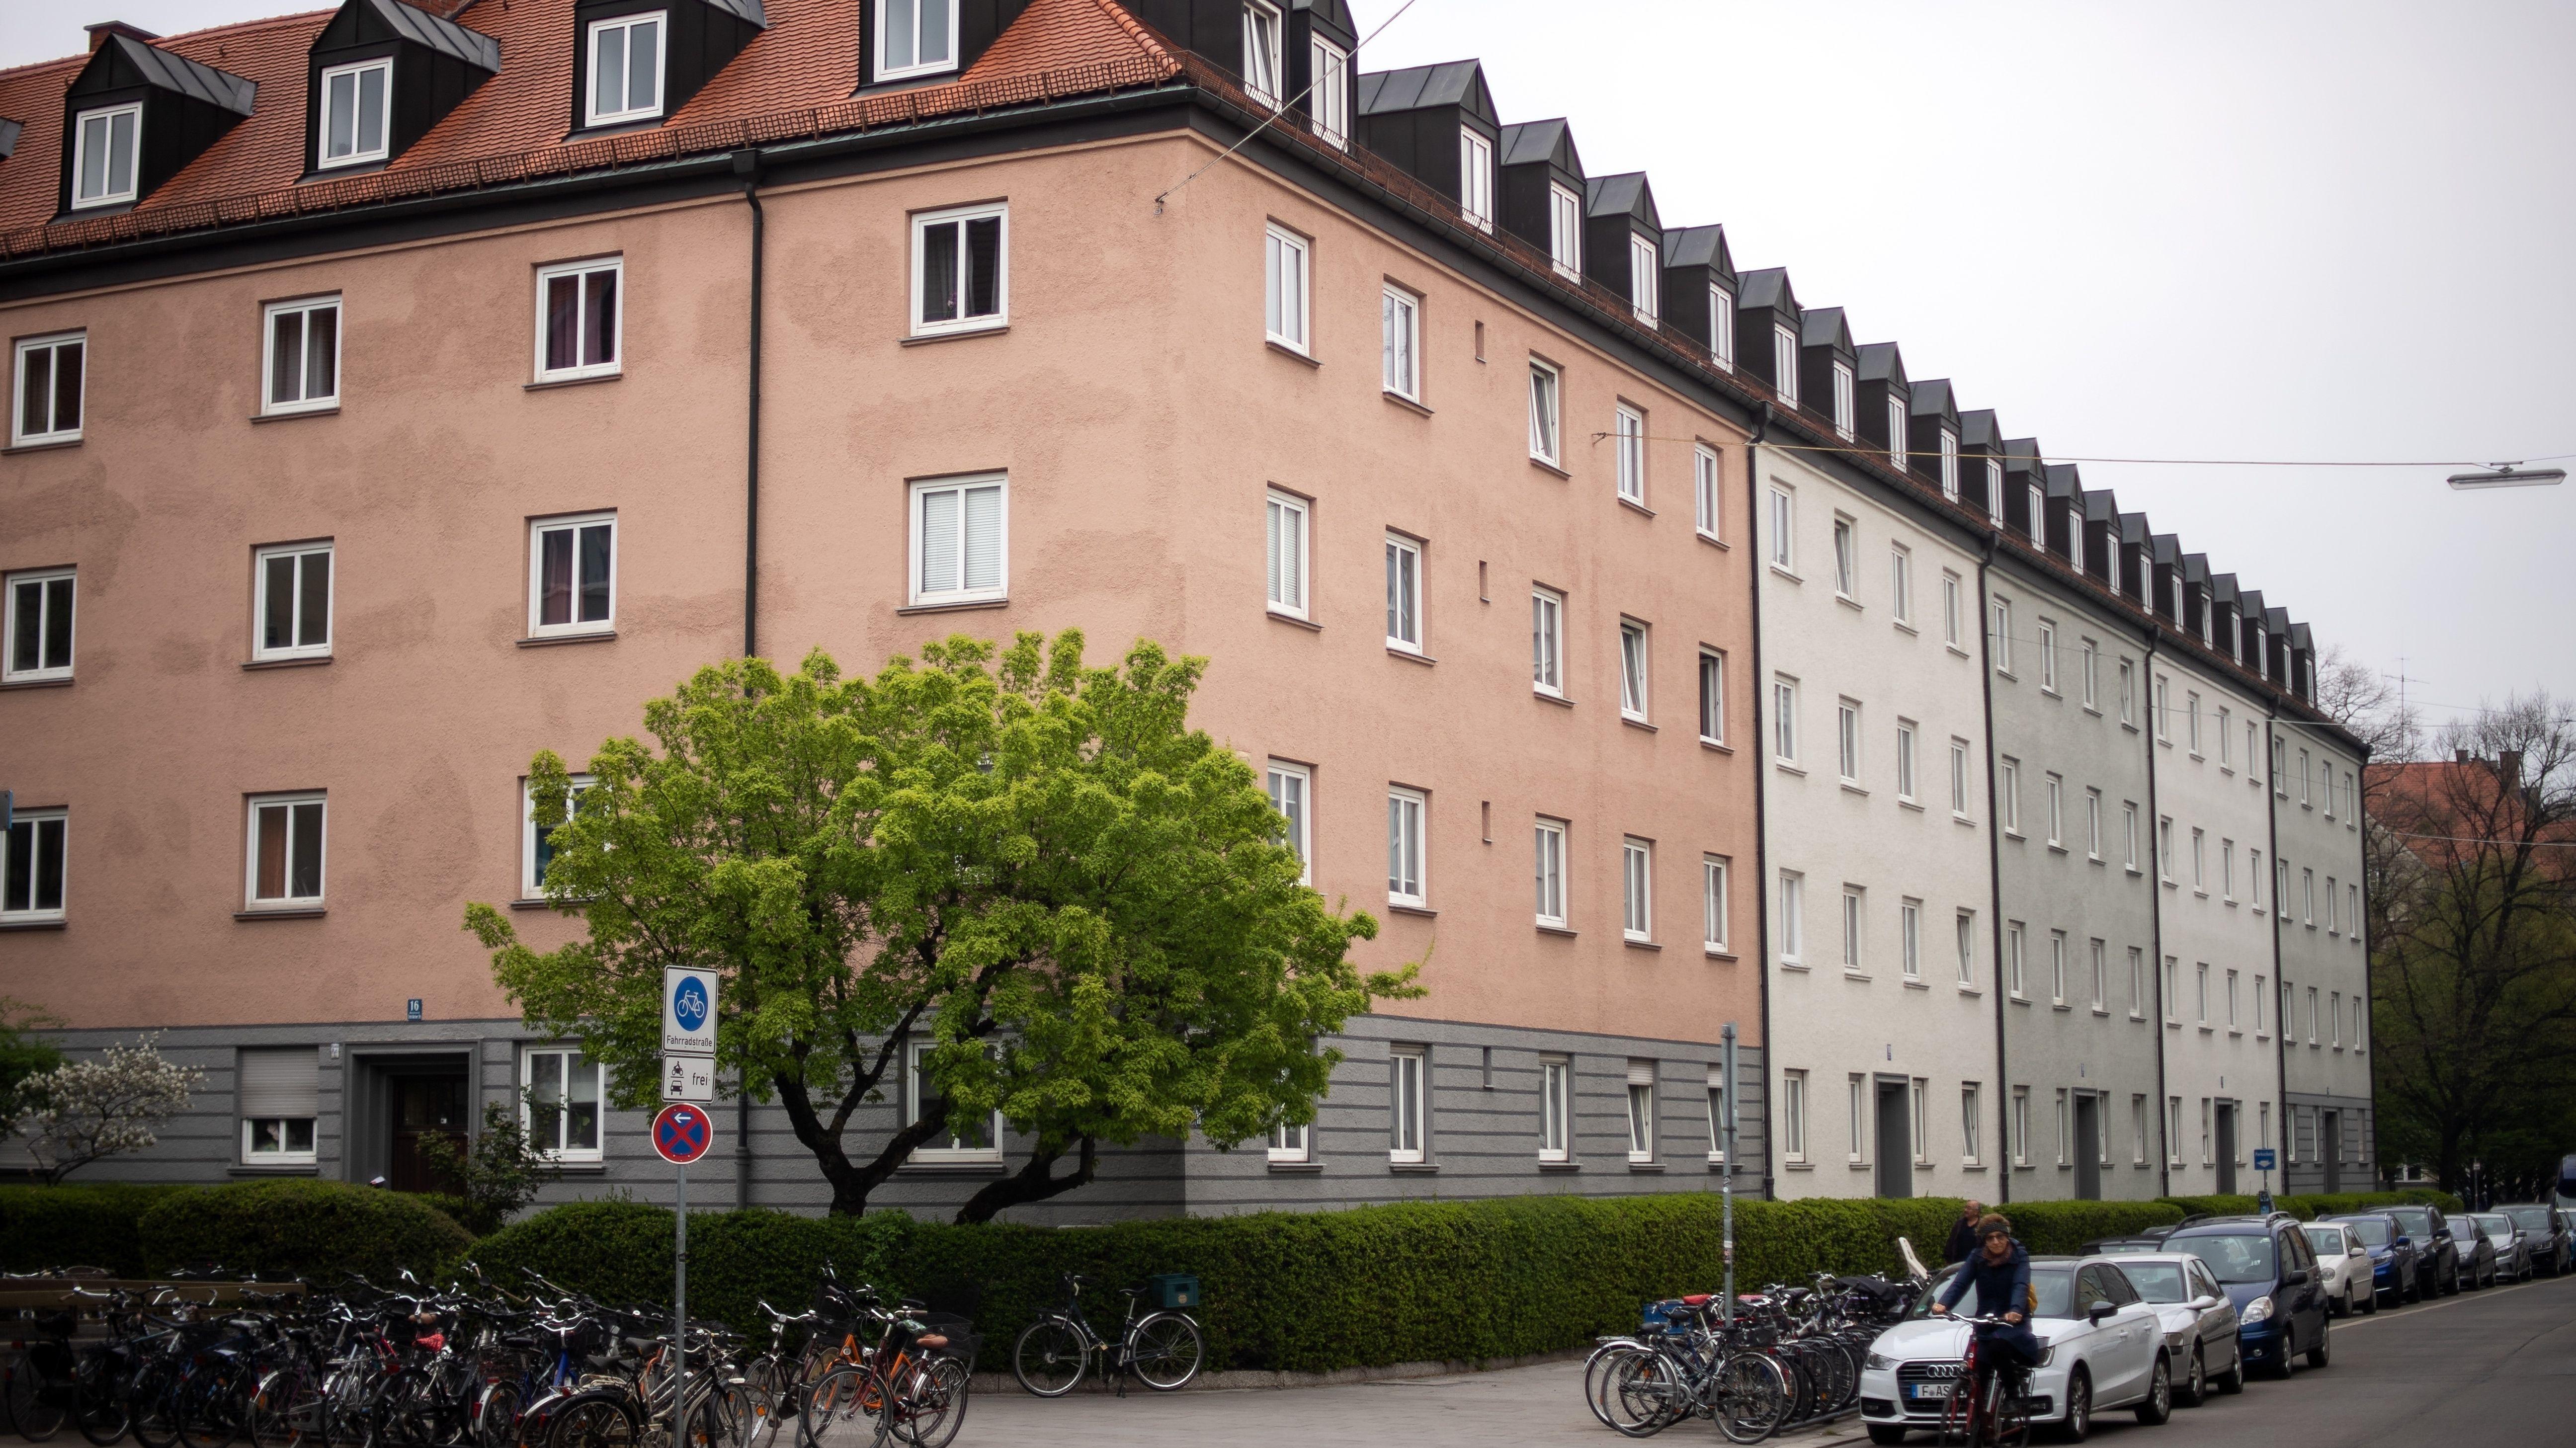 Mieter Können Sich Nun Für Musterfeststellungsklage Melden Br24